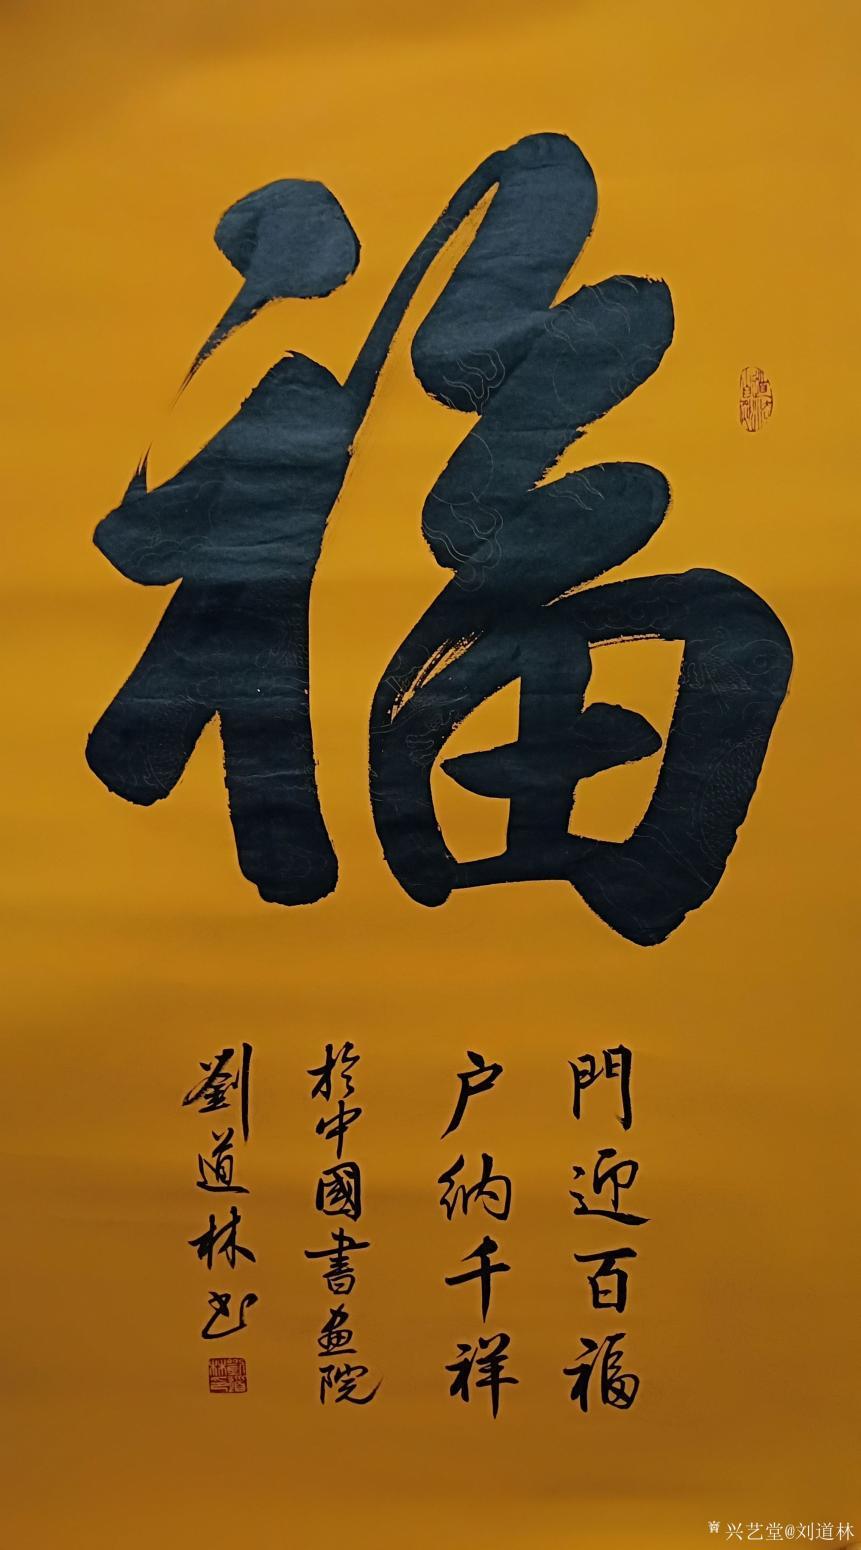 刘道林书法作品《福》